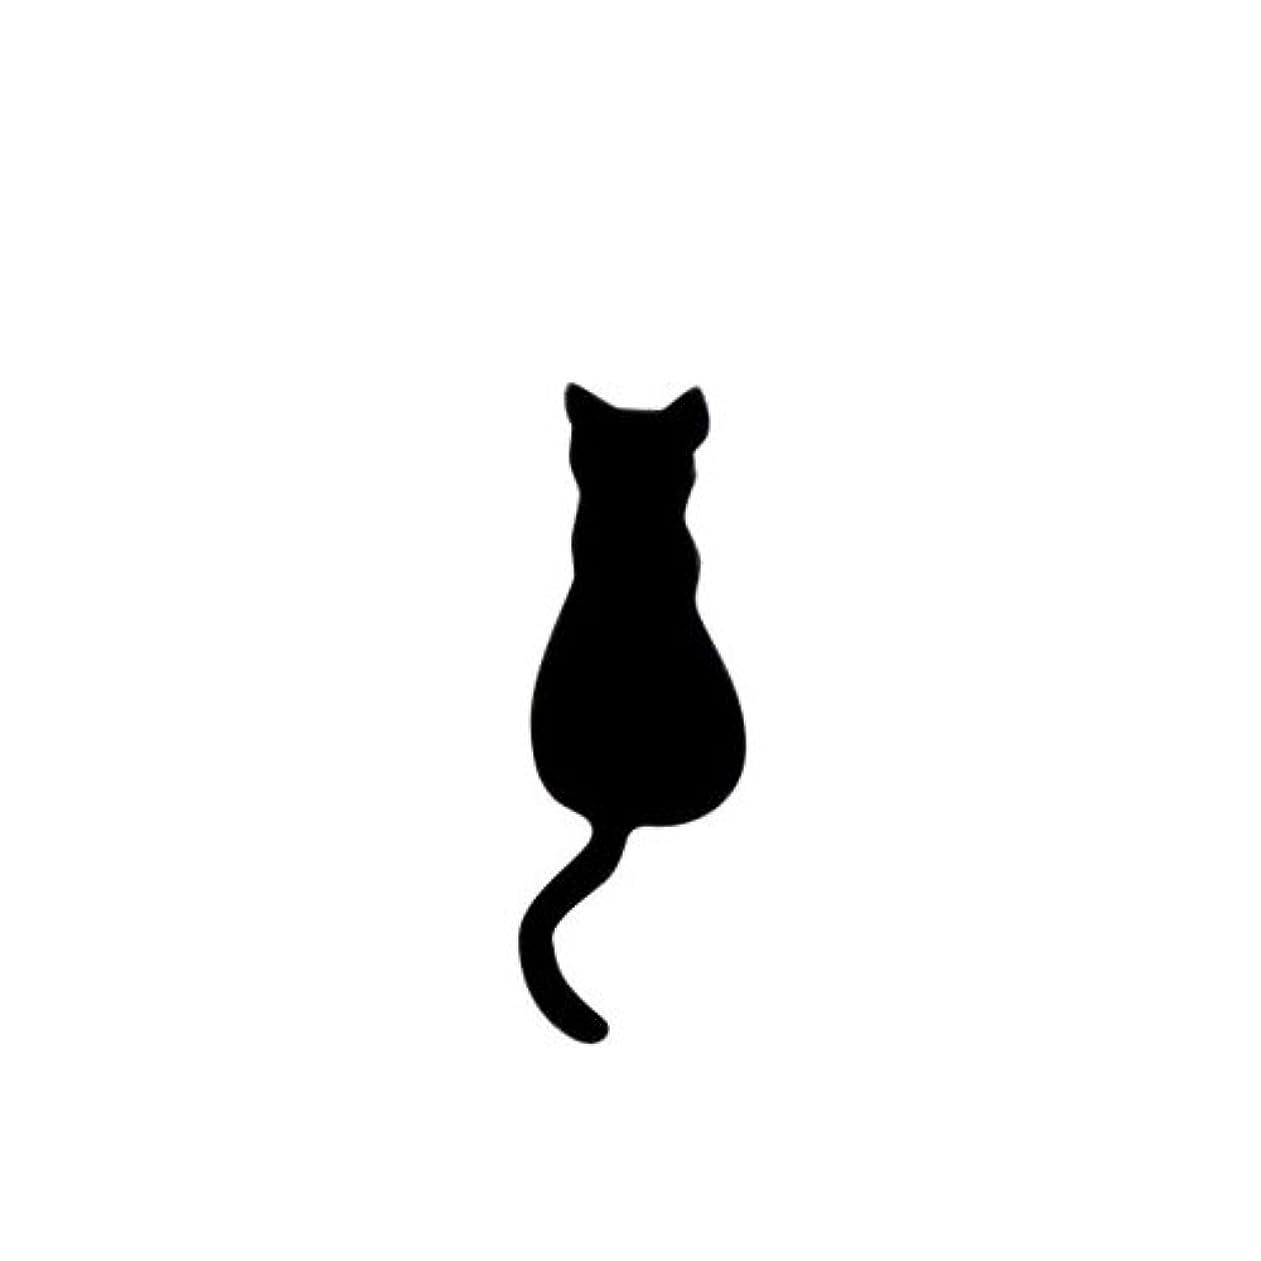 宣言エジプト人ディスコリトルプリティー ネイルアートパーツ 猫4 ブラック 10個